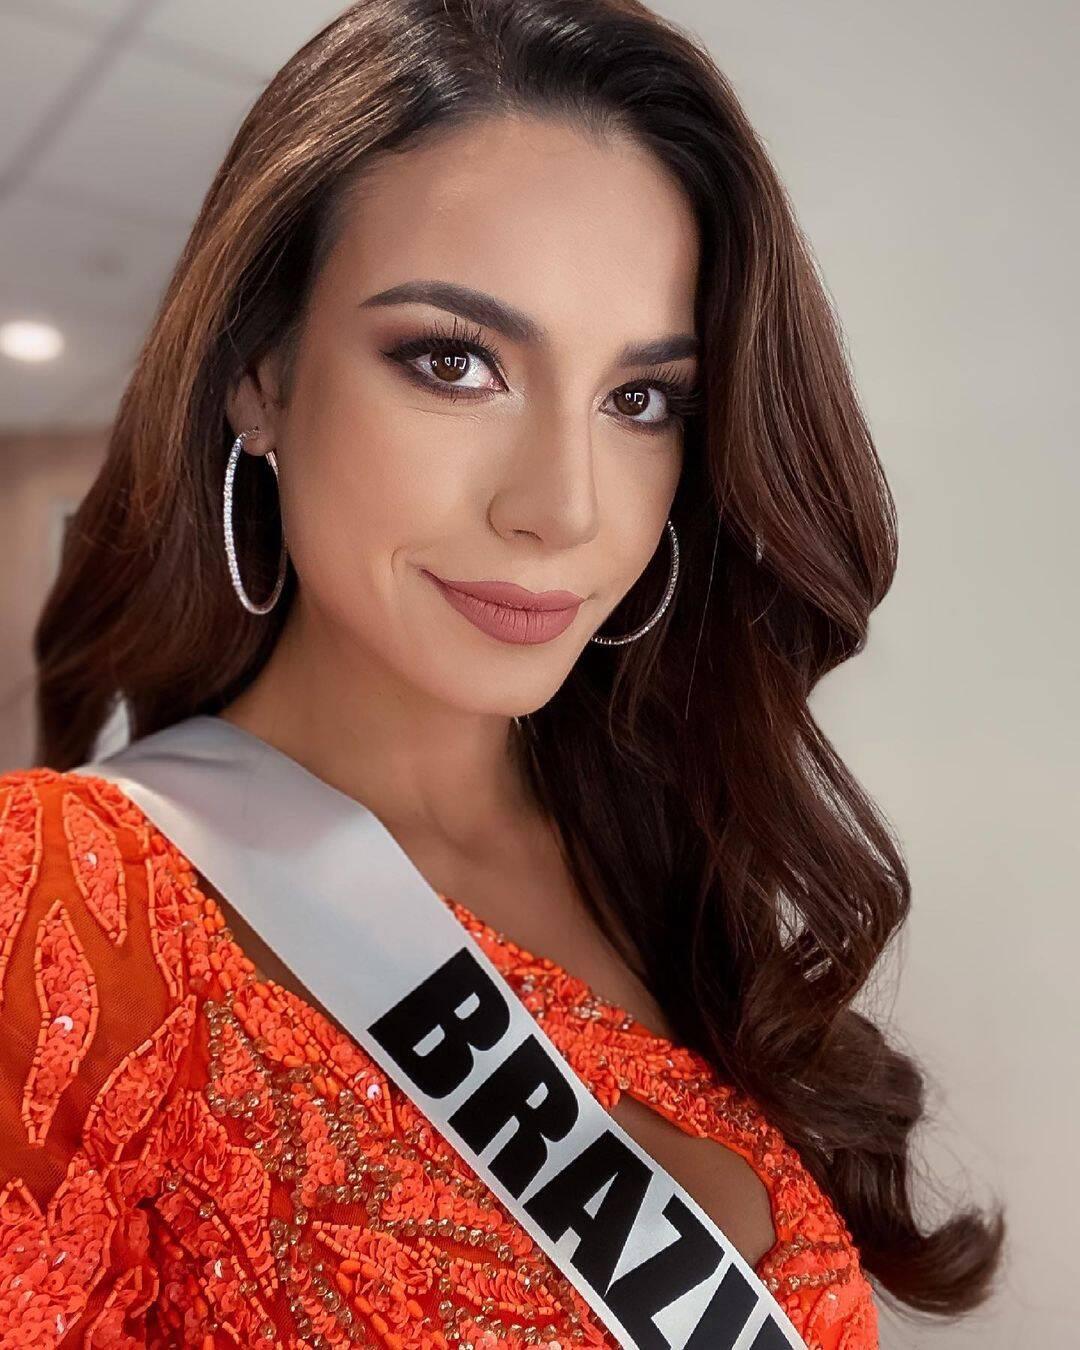 O Brasil chegou perto do primeiro lugar no concurso Miss Universo 2021. (Foto: Instagram/ @juliawgama)